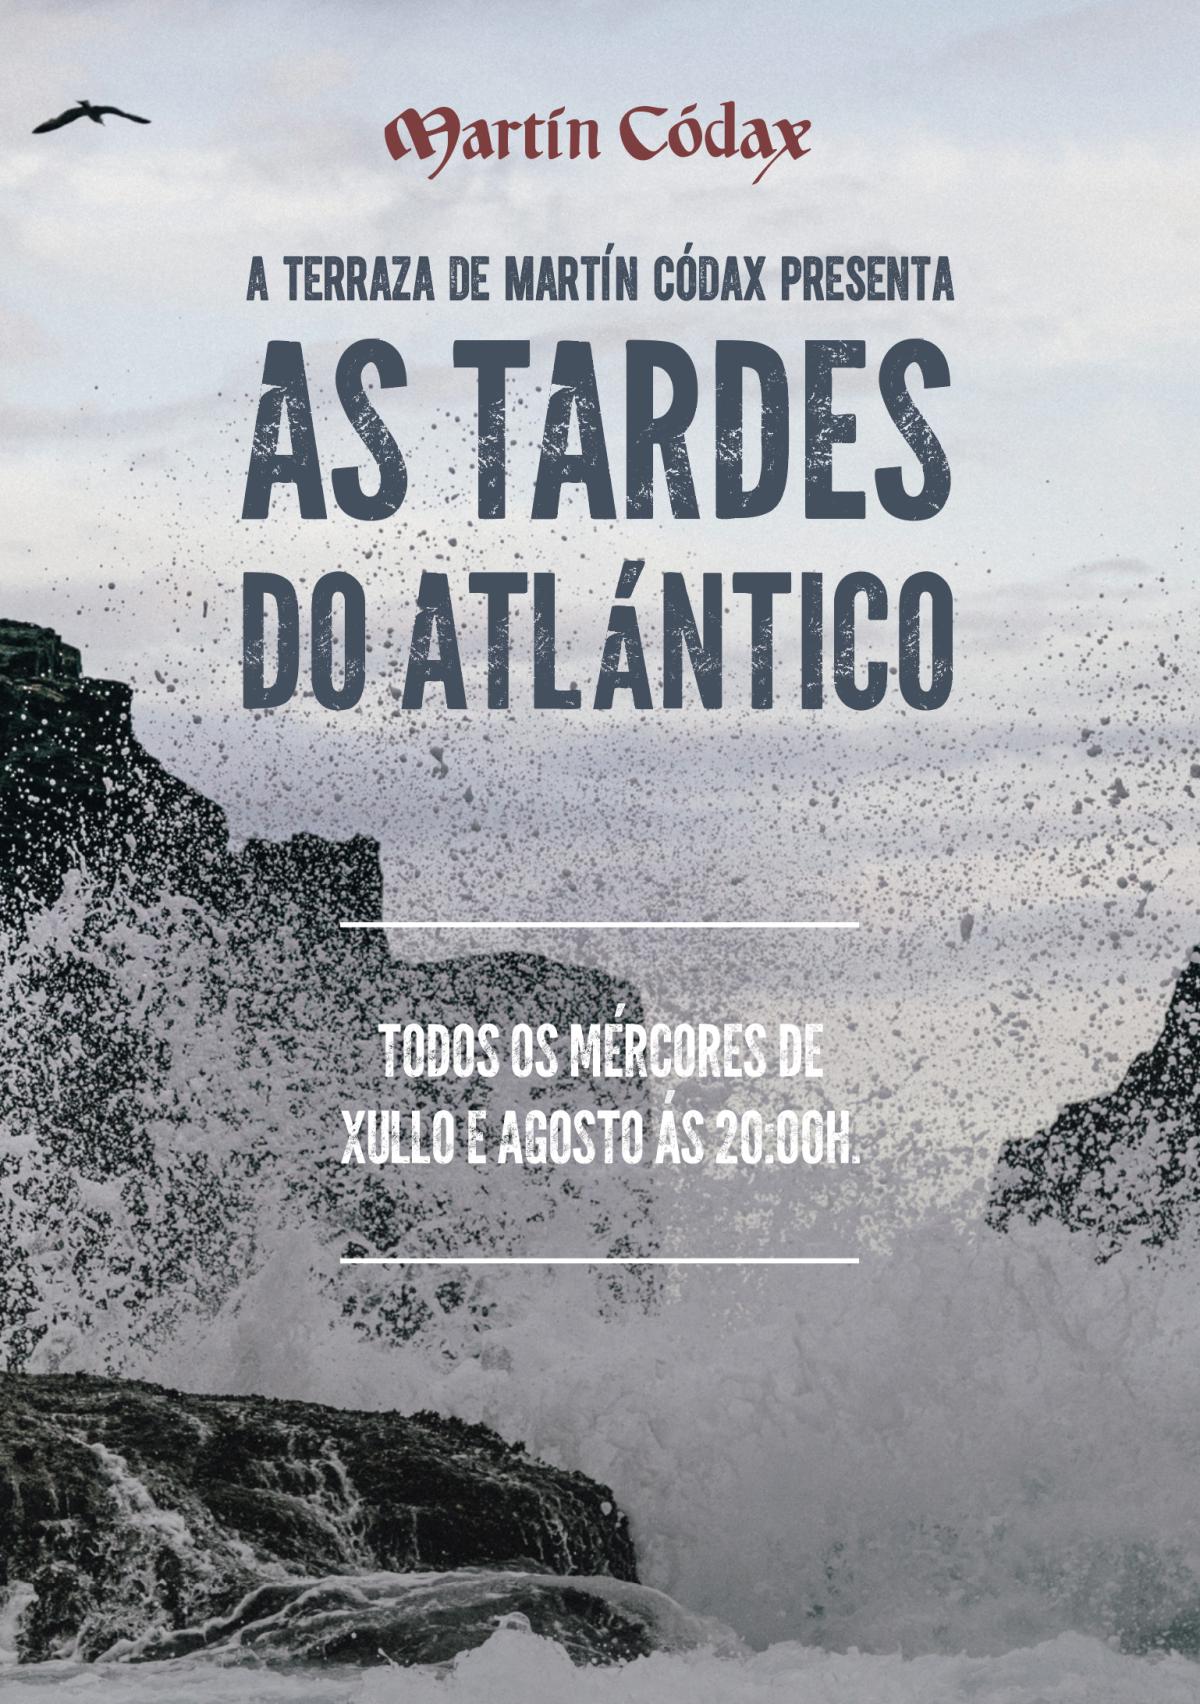 Astardesdoatlantico_VERTICAL